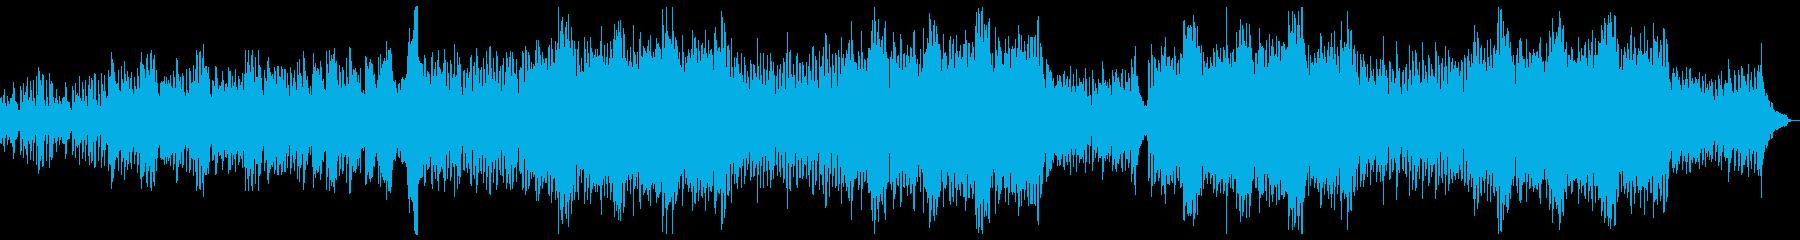 【メロディ・リズム・ベース抜き】爽やか…の再生済みの波形